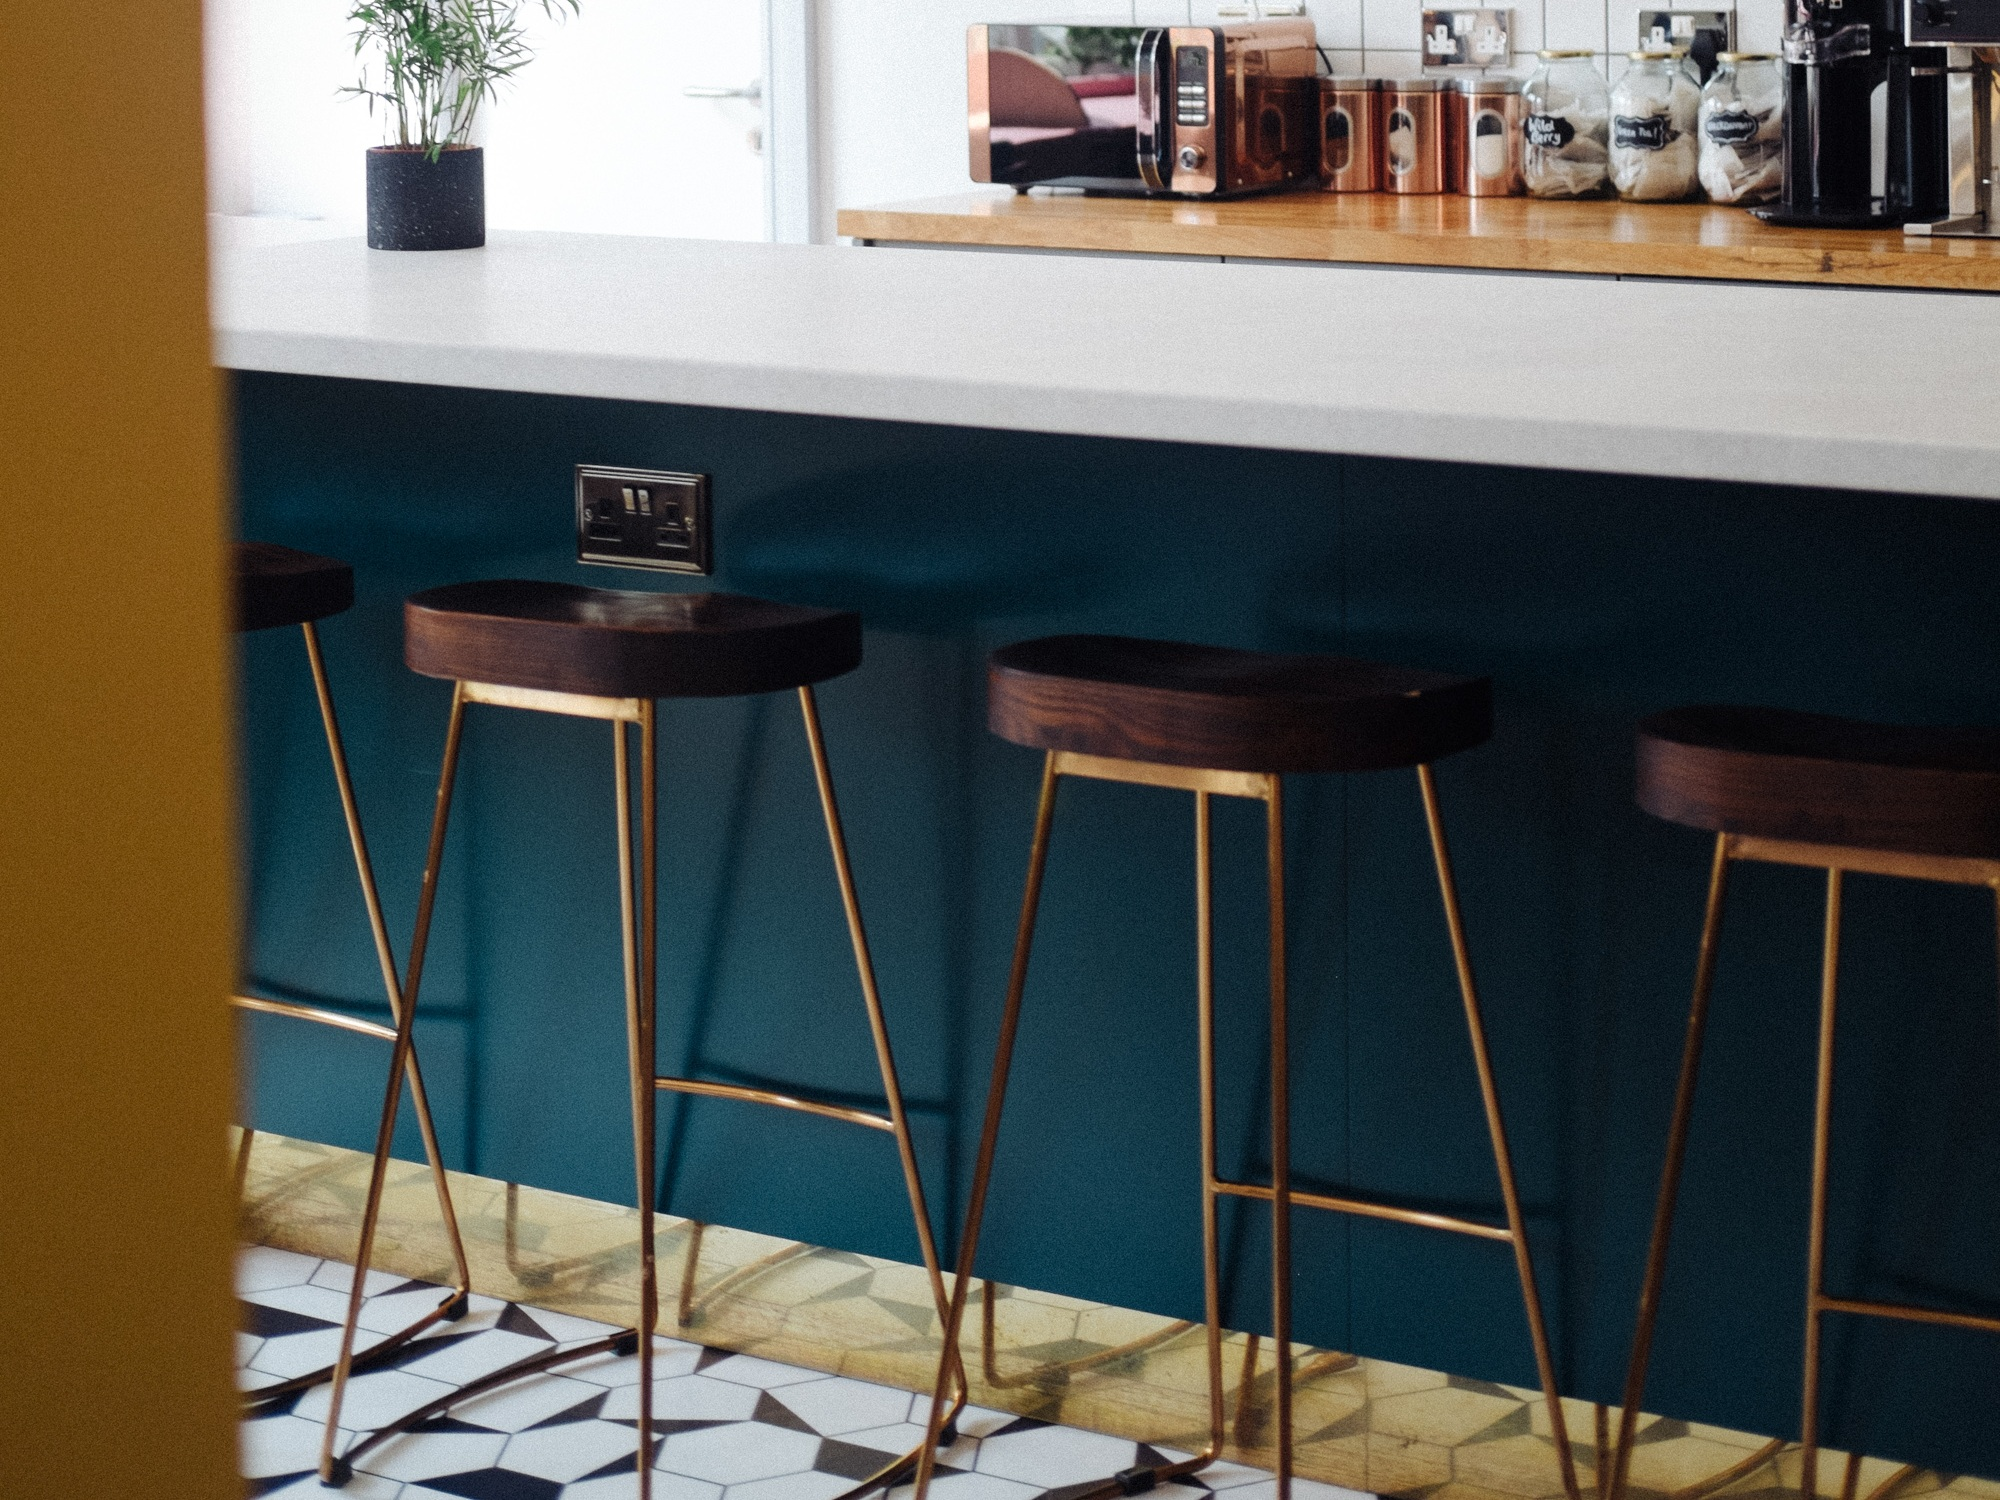 bar-design-revive-interiors